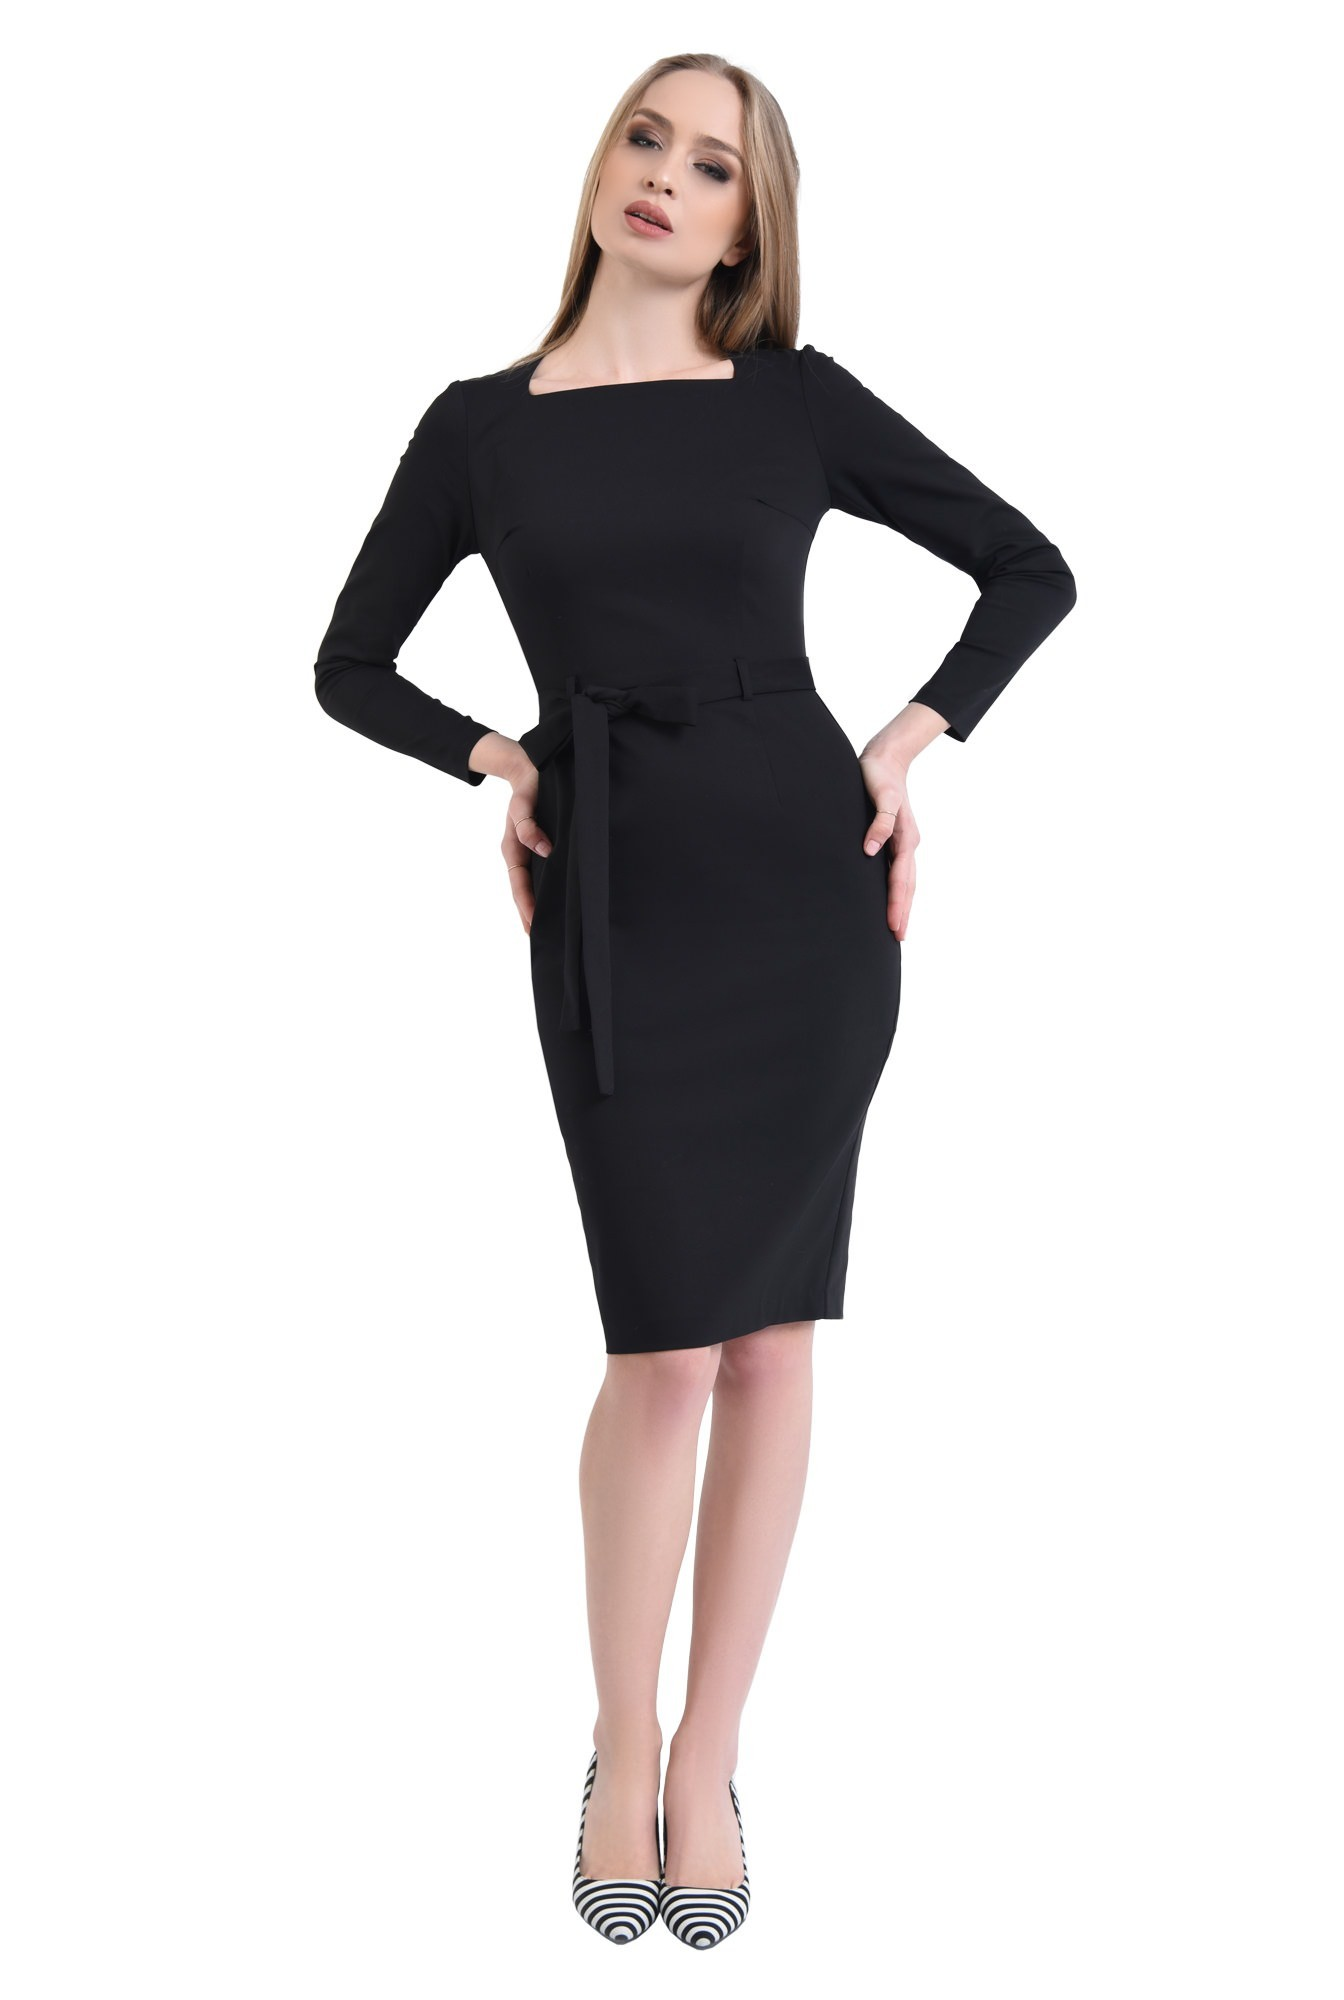 360 - rochie neagra, casual, rochii online, croi conic, cordon, funda